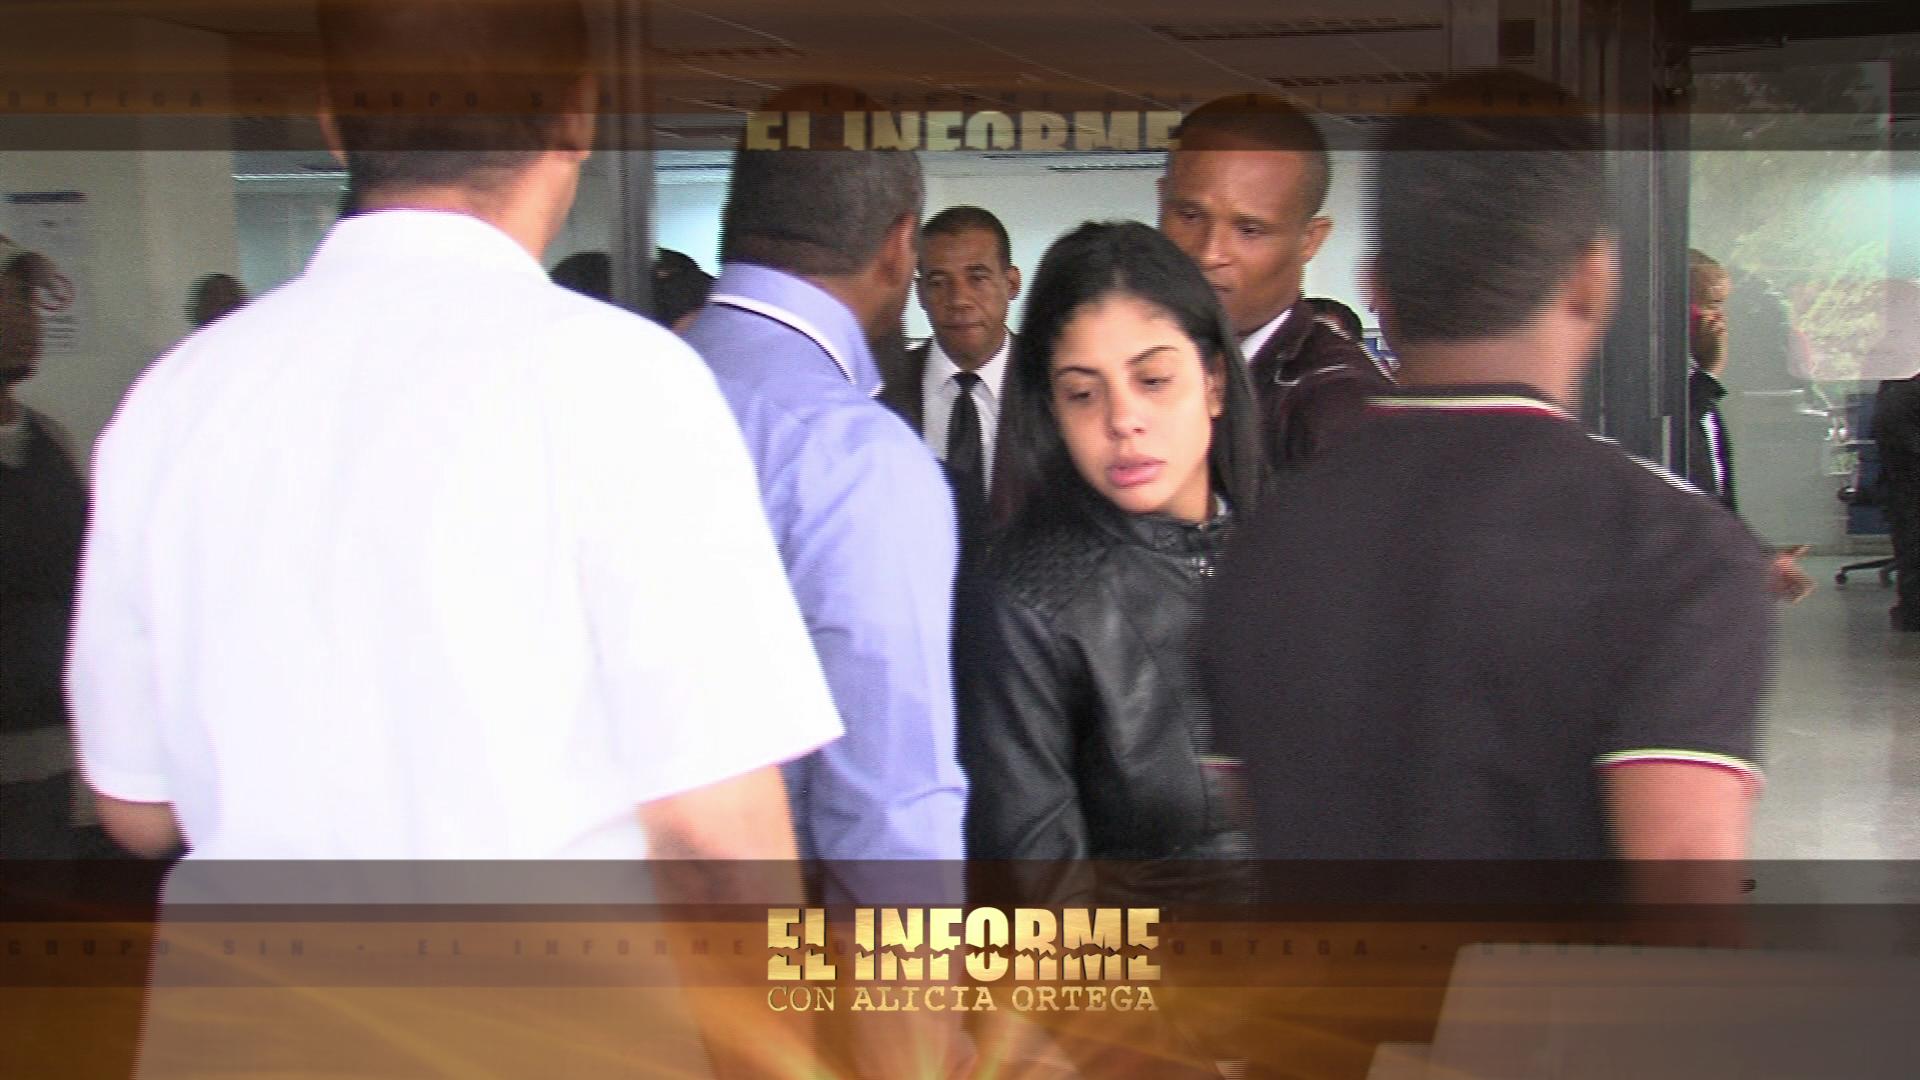 Dictan tres meses de prisión preventiva a mujer acusada de estafar a decenas de personas